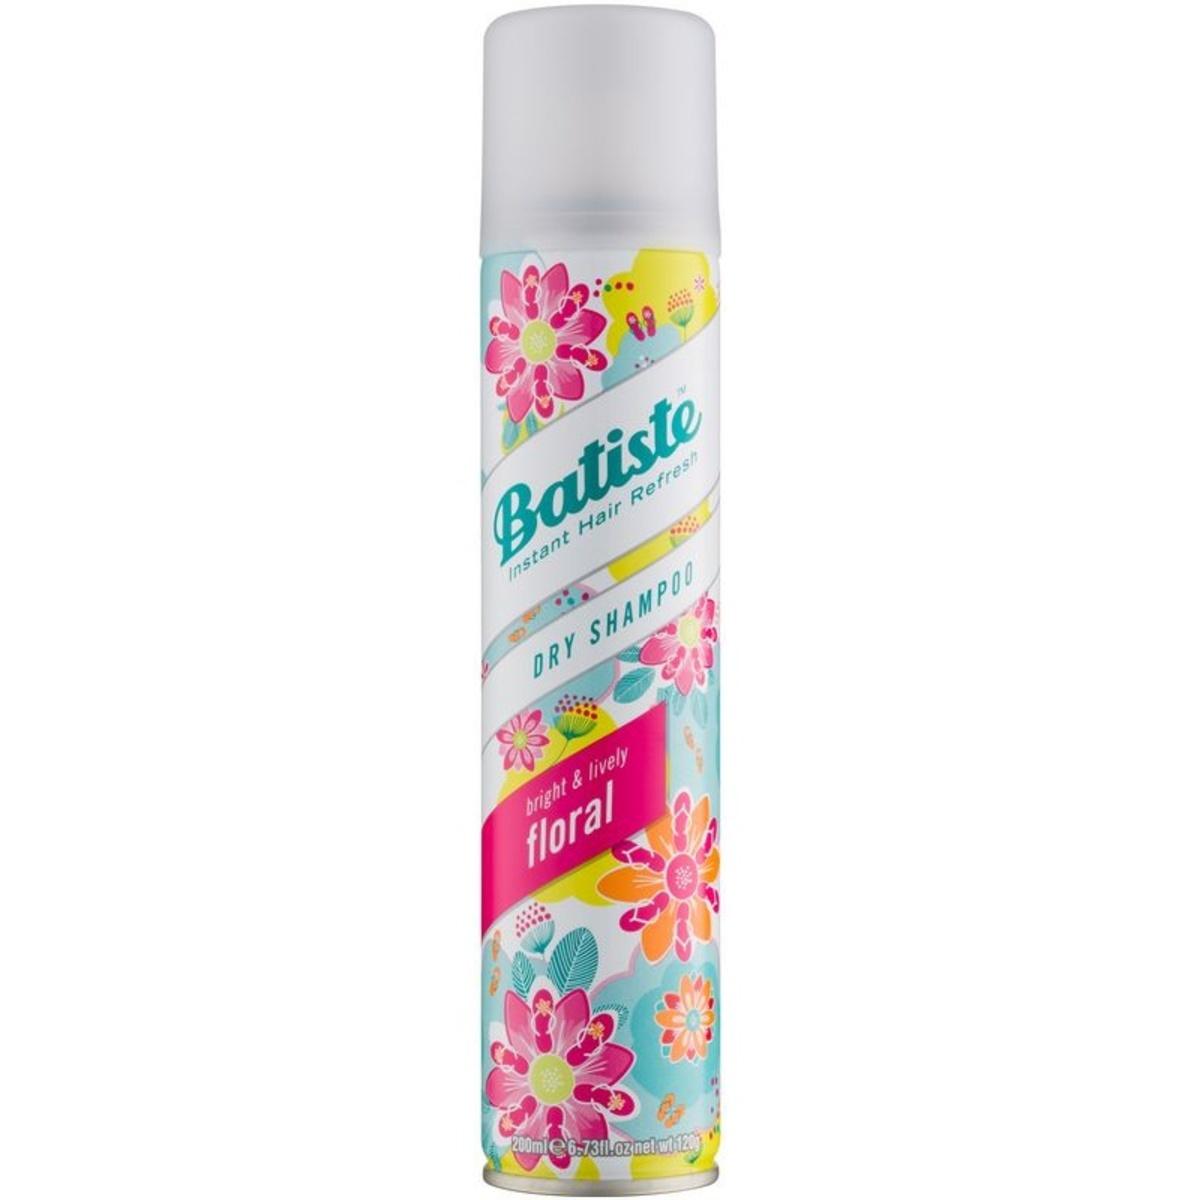 頭髮乾洗噴霧-花漾玫瑰 200ml